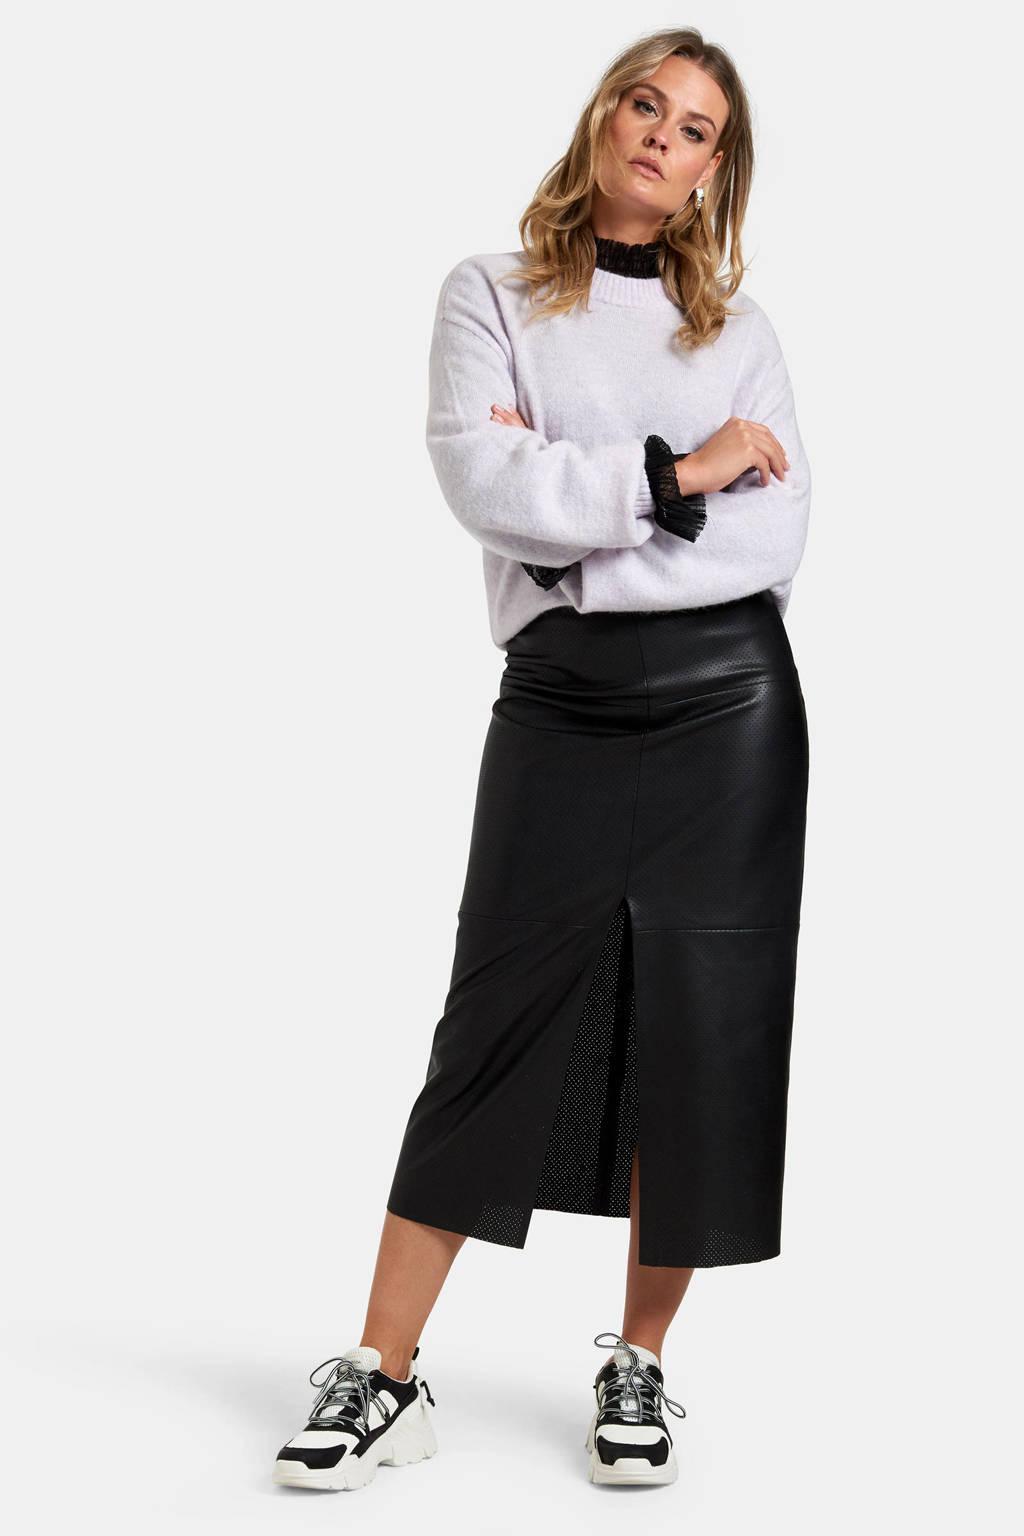 Eksept by Shoeby imitatieleren rok Lexie perfo skirt met textuur zwart, Zwart